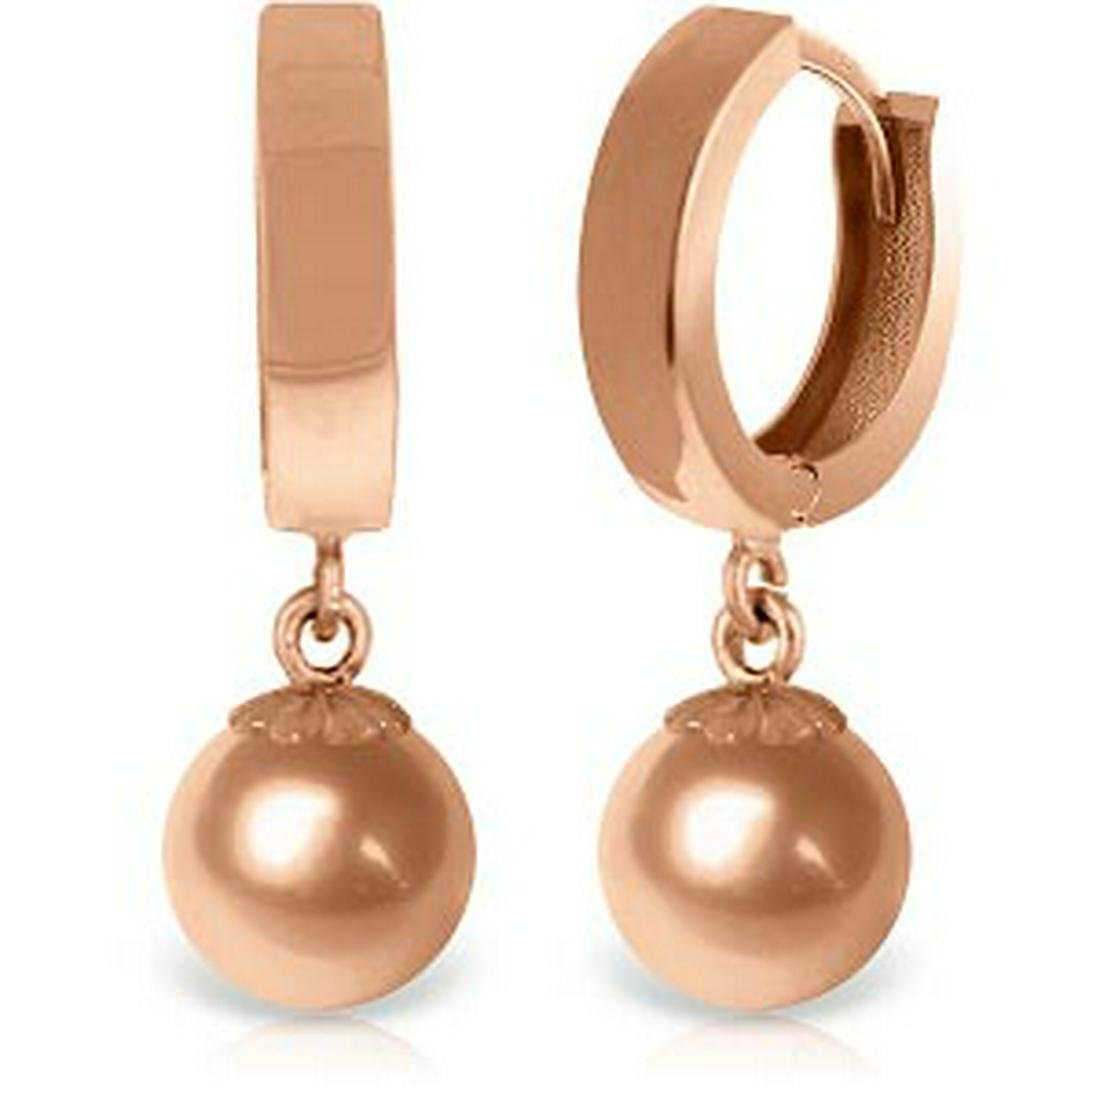 14K Solid Rose Gold Huggie Earrings Ball Drop Hoops